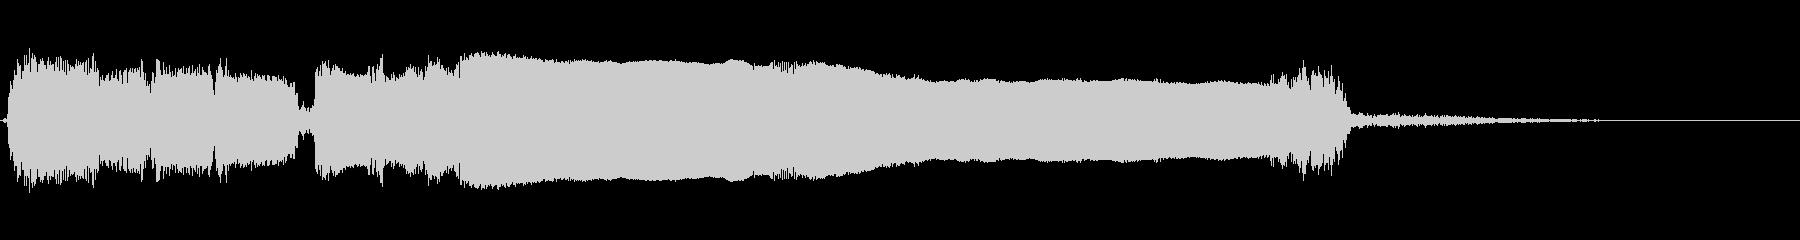 エレキギター:チャージアクセント、...の未再生の波形